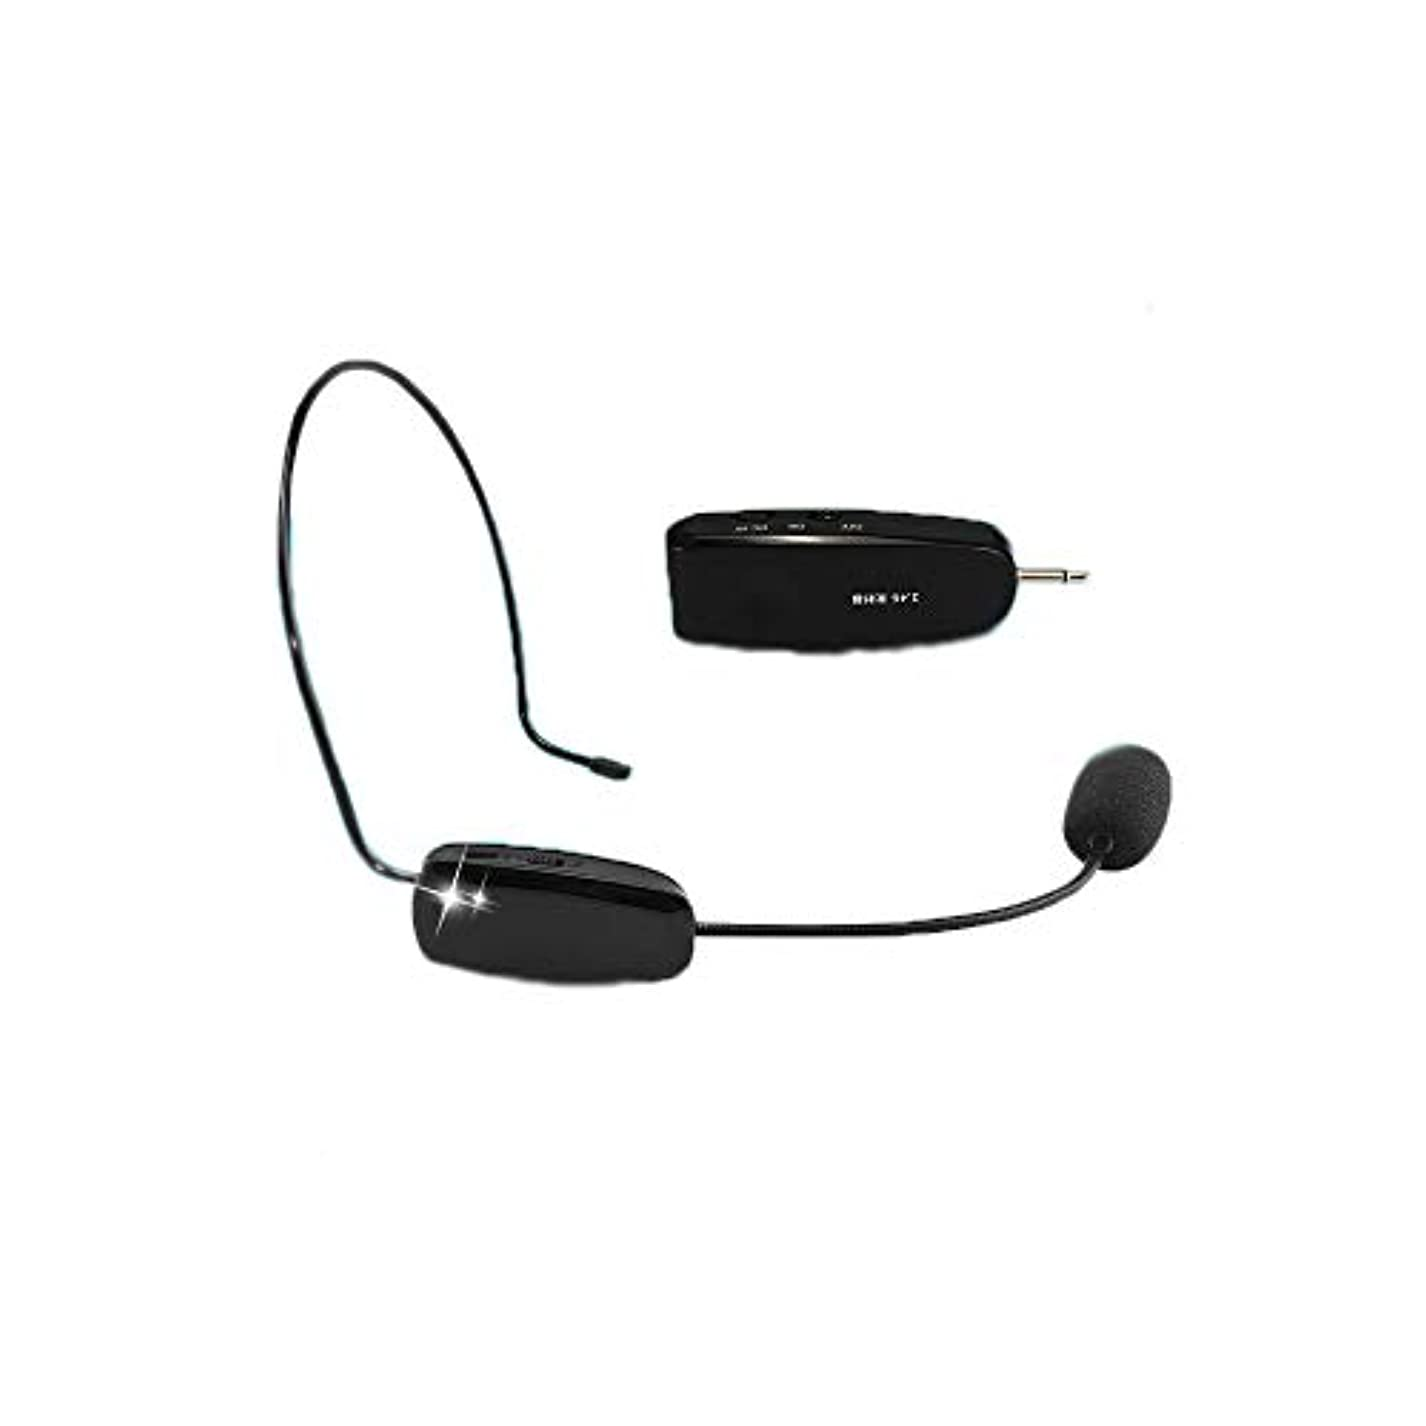 バウンス個人的な車両Taidacent 1チャンネル NP11 耳装着型 マイク 外部 電源 2.4 g ワイヤレス マイク ワイヤレス uhf